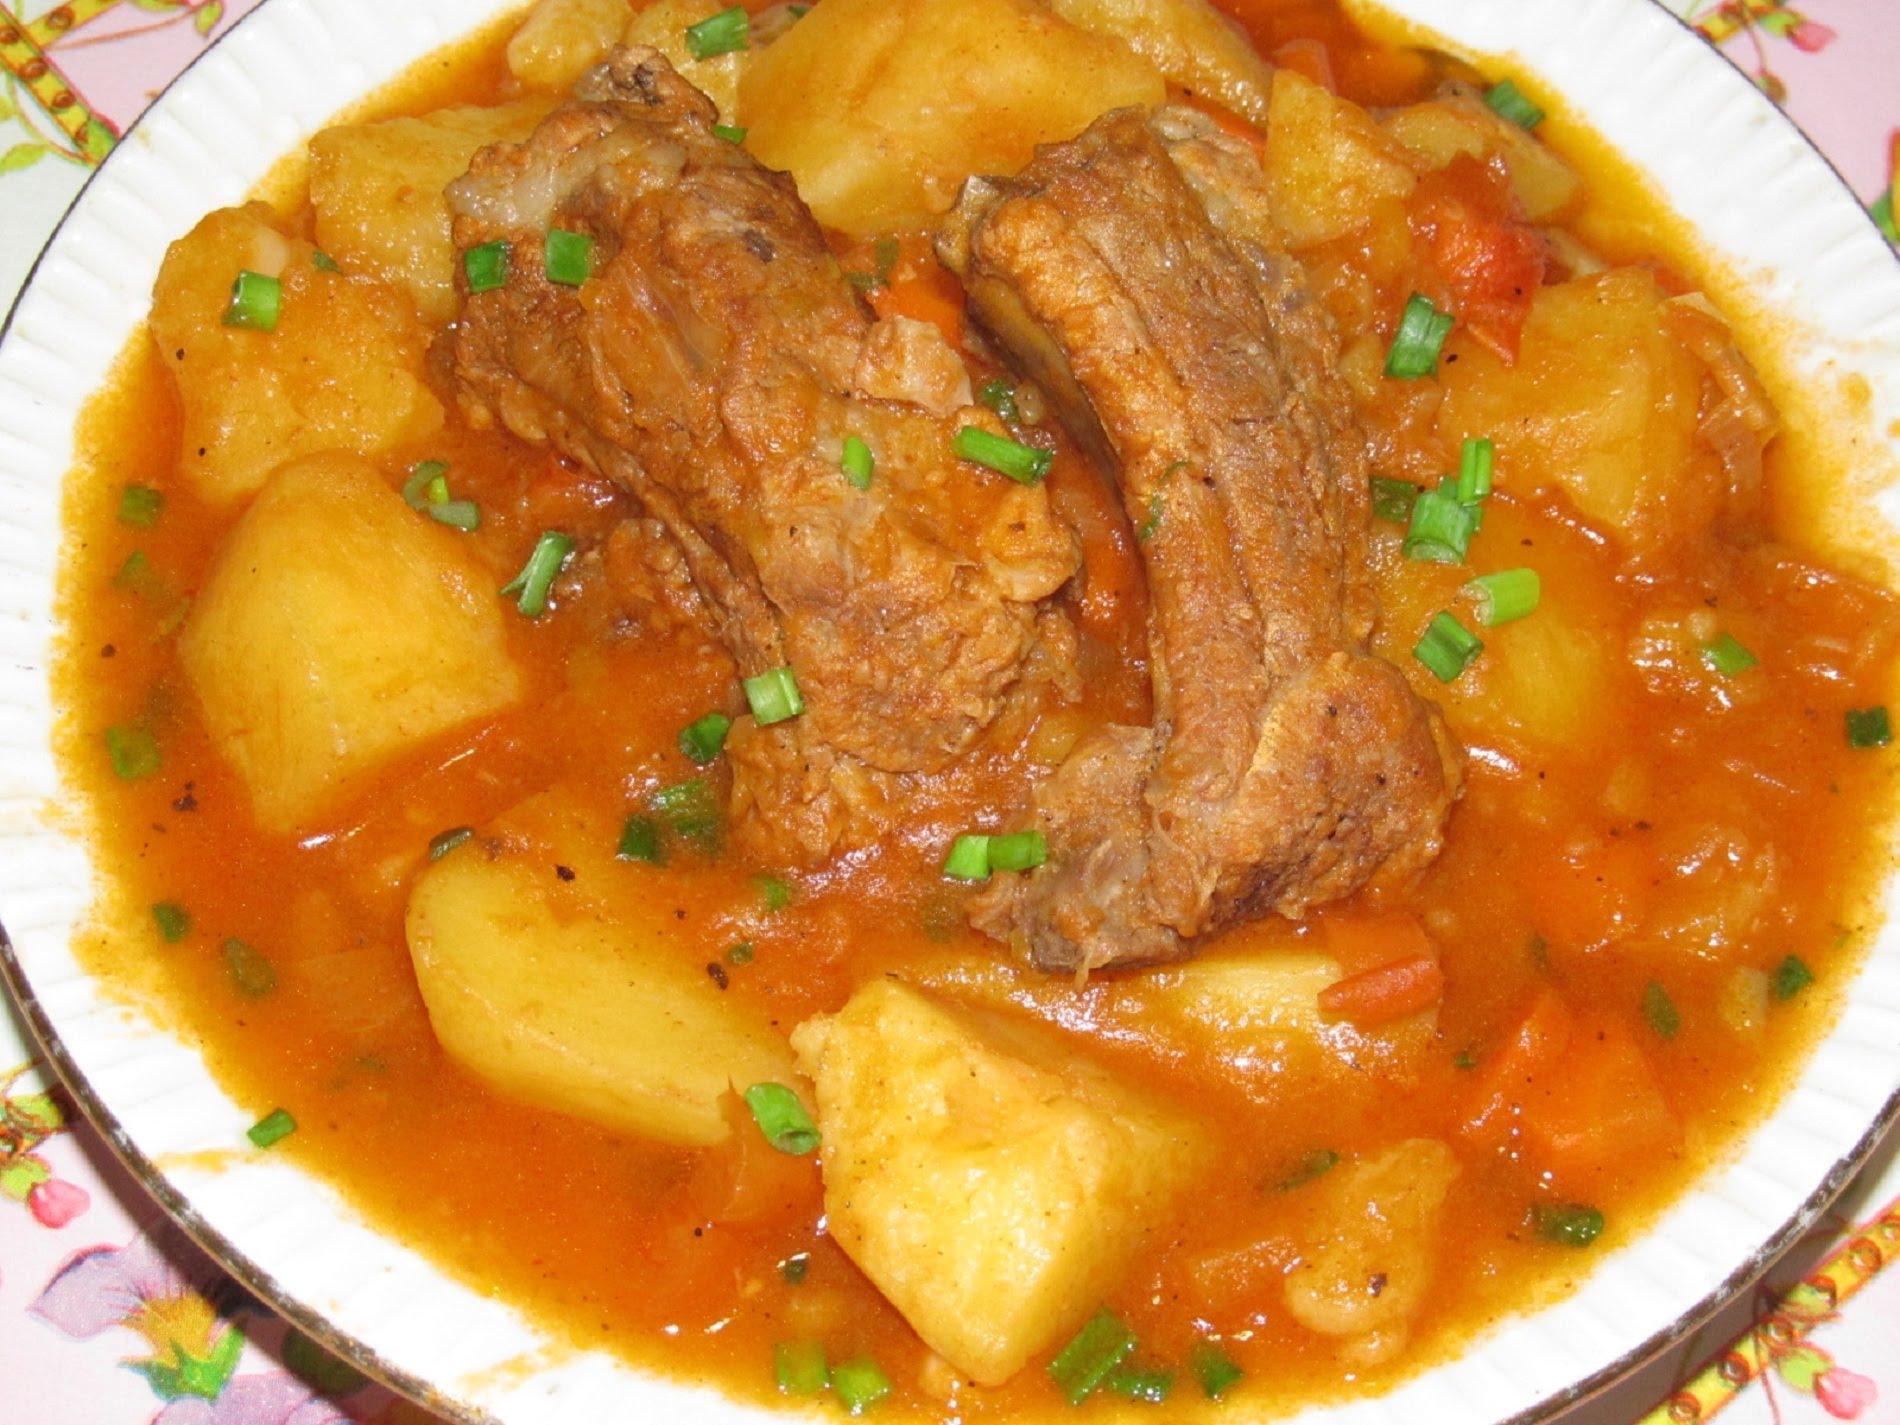 тушёная картошка в мультиварке с рёбрышками свиными